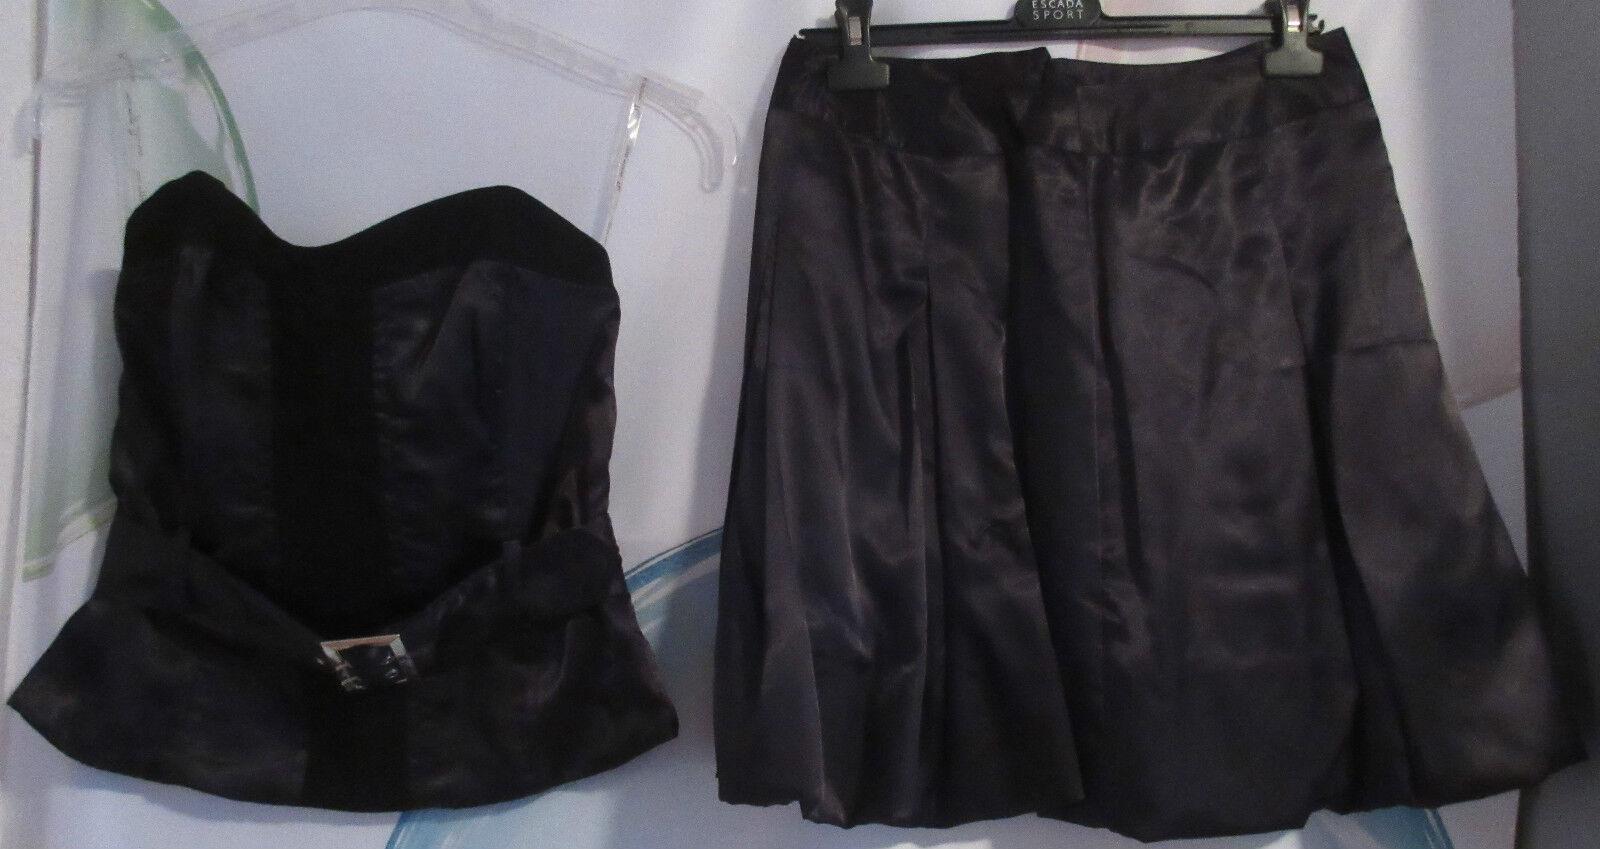 Abend Zweiteiler schwarz Glanz Gr.38 I2022       Moderate Kosten    Um Zuerst Unter ähnlichen Produkten Rang    Zu einem niedrigeren Preis